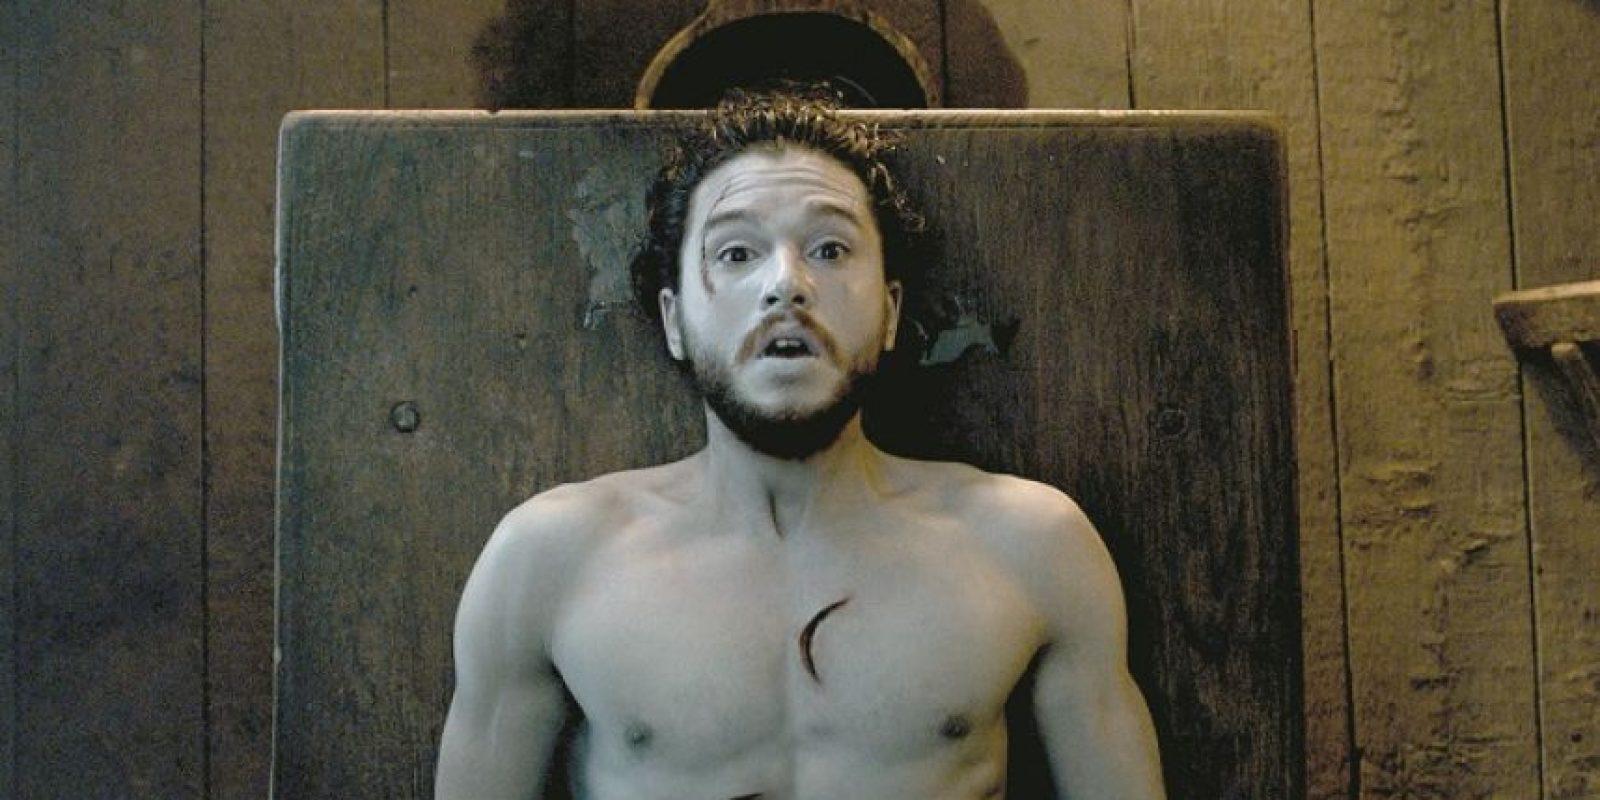 """2- Mi guardia ha terminado. Game of Thrones es famosa por no tener contemplaciones a la hora de exterminar a sus personajes principales, pero en general esas muertes suelen ser puntos de inflexión que hacen que las tramas avancen. La muerte de Jon, así como la posible muerte de Arya más adelante, no hubiesen tenido mucho sentido. Y volvió. Resucitado por la magia de Melisandre. HBO tuvo el detalle de no desvelarlo hasta el segundo episodio y así mantener un poco la intriga. Y así dejarnos una de las frases más aplaudidas por los fans: """"Mi guardia ha terminado"""". Foto:HBO"""